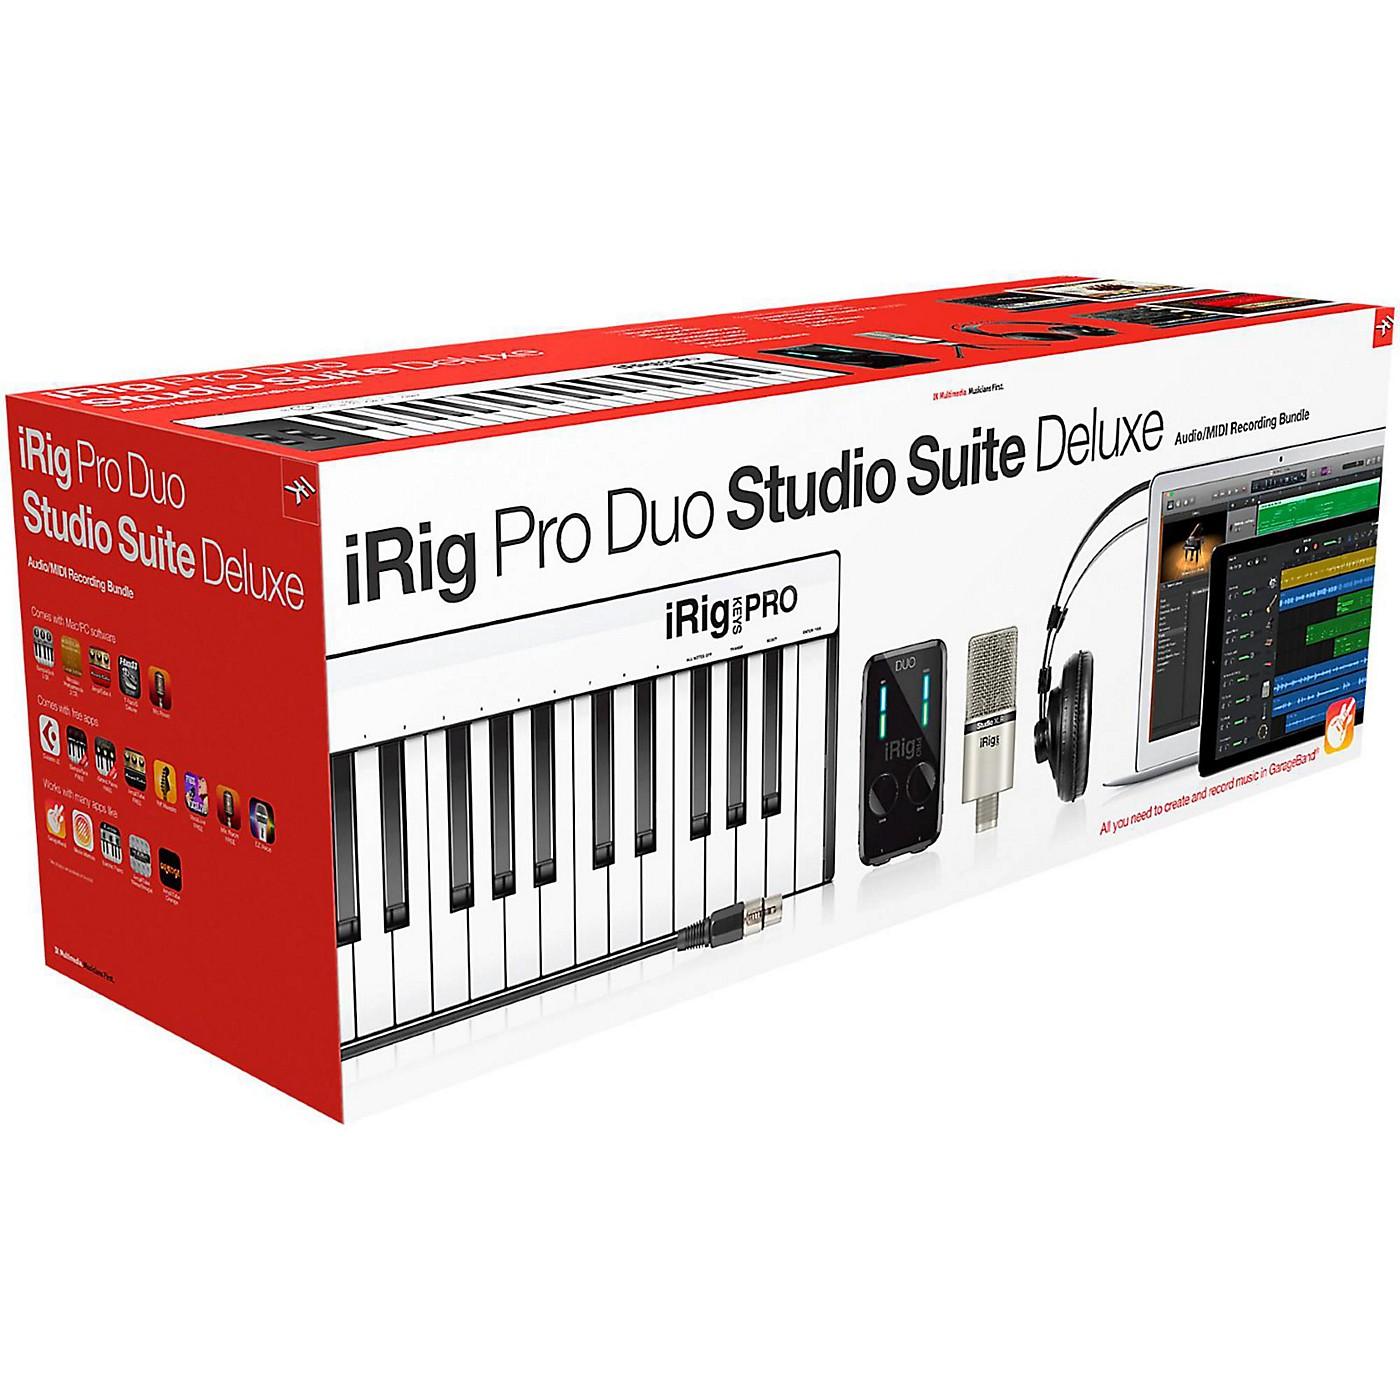 Ik Multimedia Irig Pro: IK Multimedia IRig Pro Duo Studio Suite Deluxe